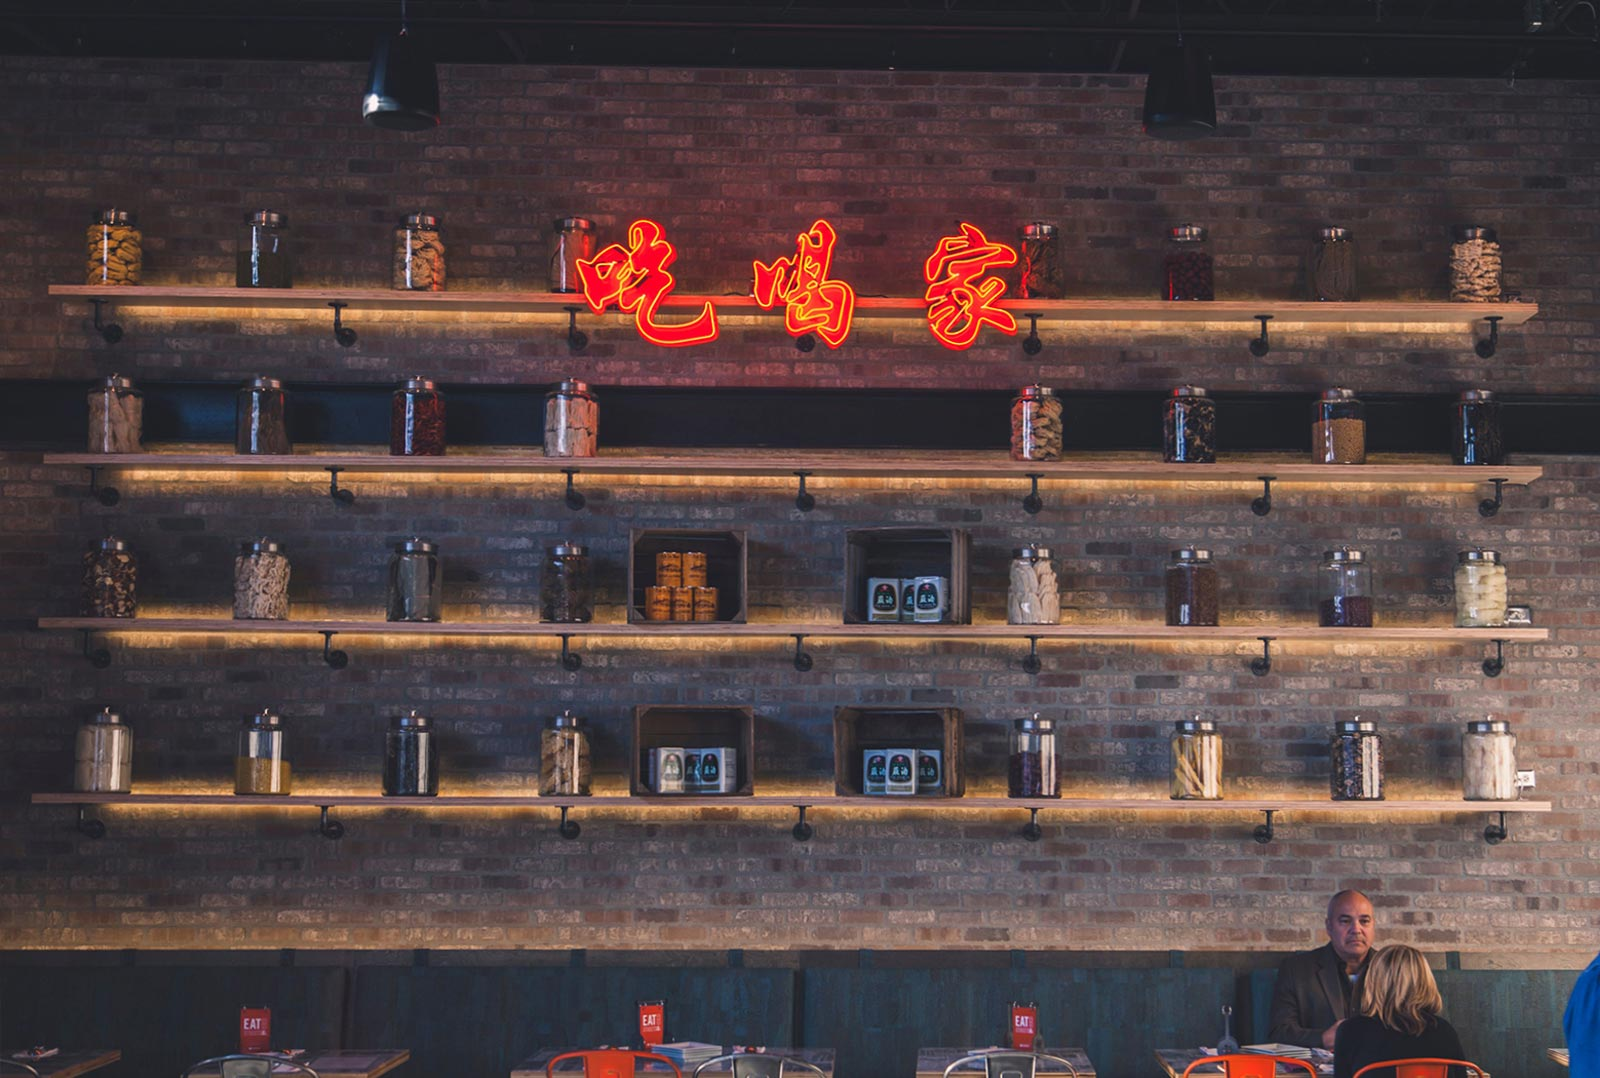 neon kanji and shelves